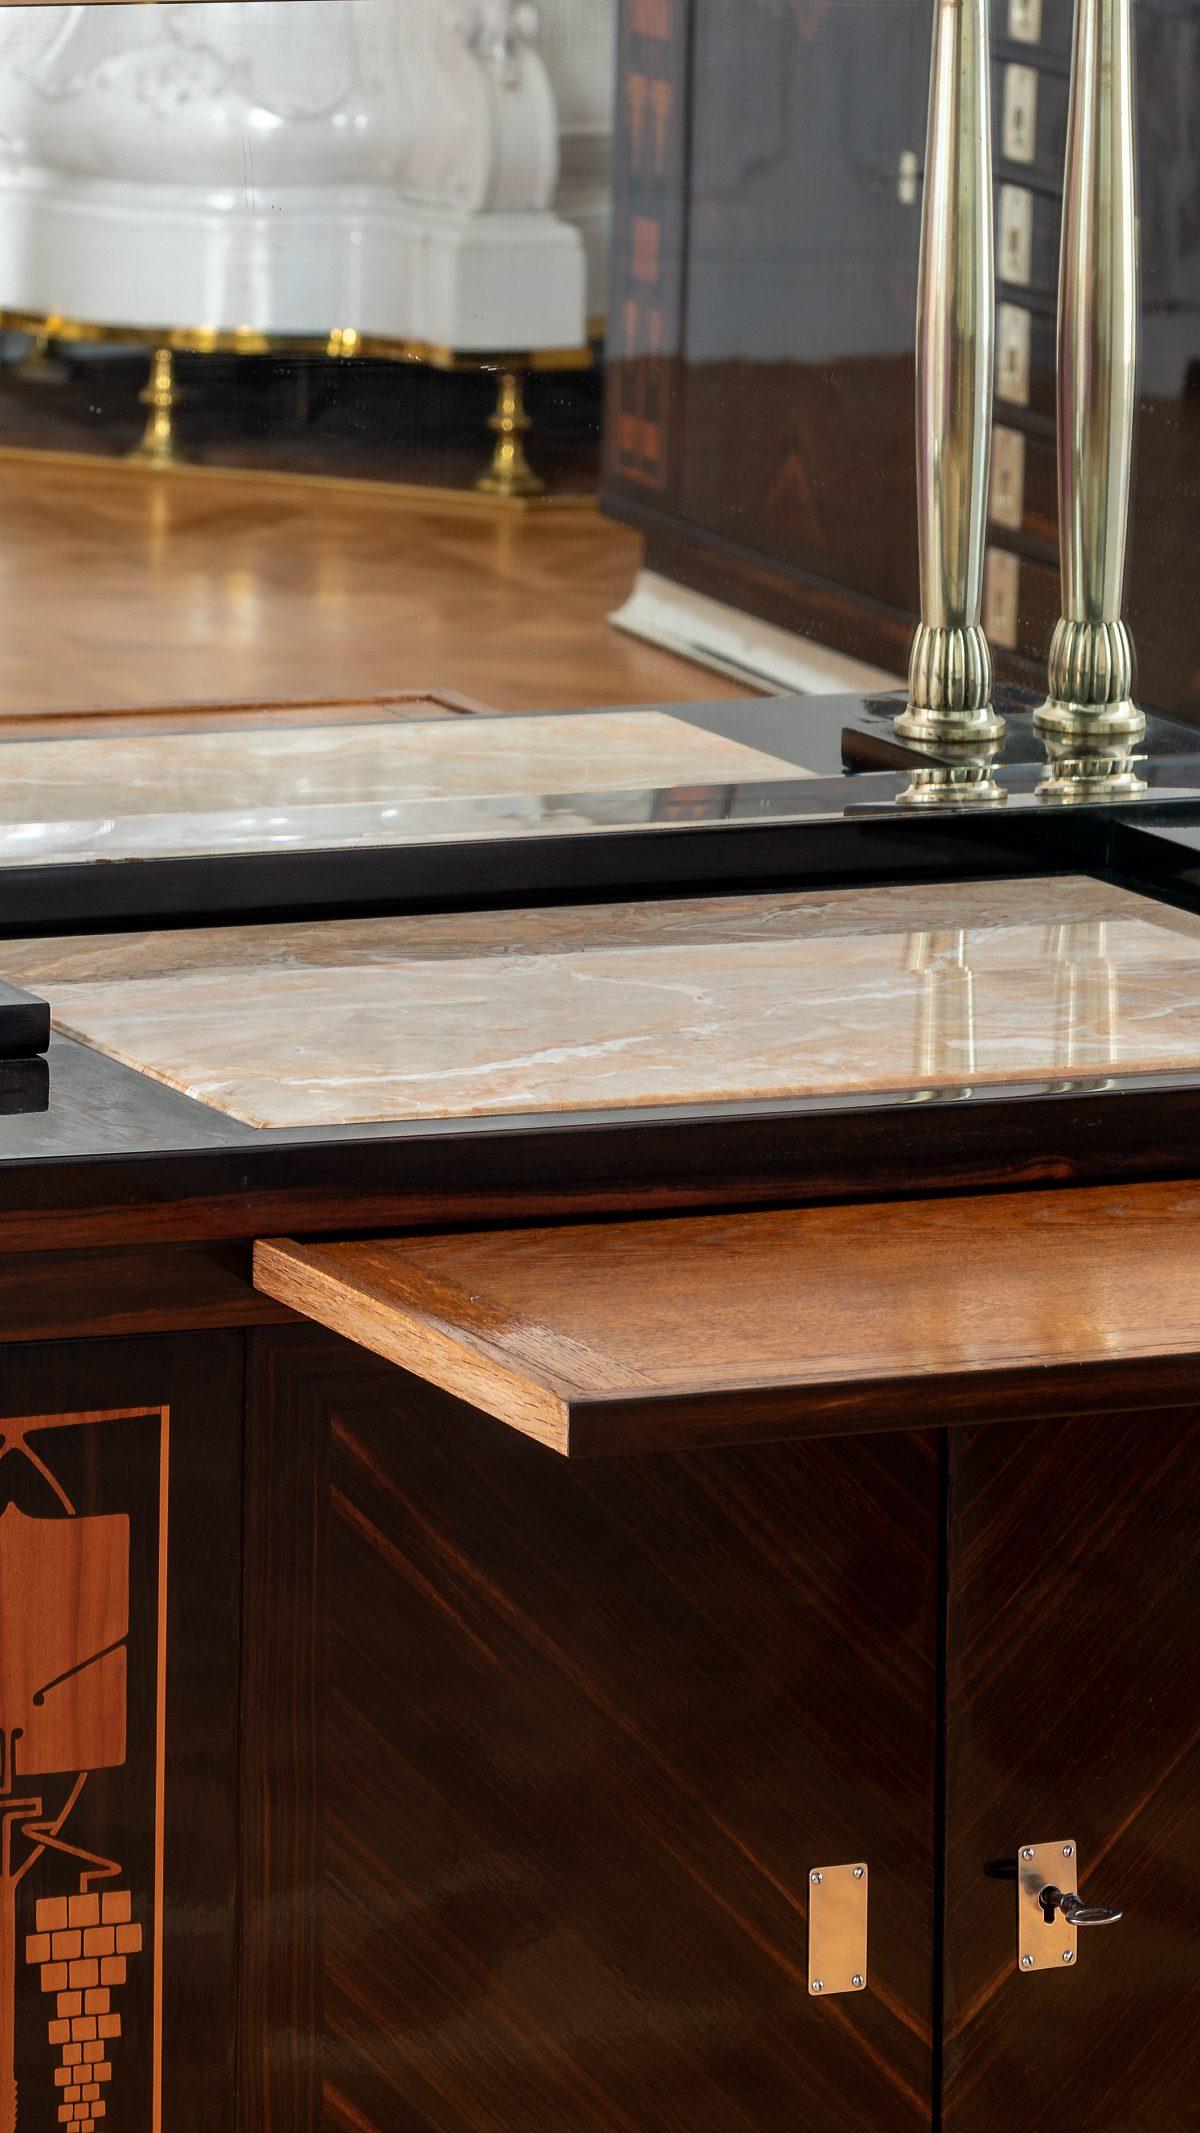 HM Jugendstilgruppe Cabinetklausgezogene Tischplatte